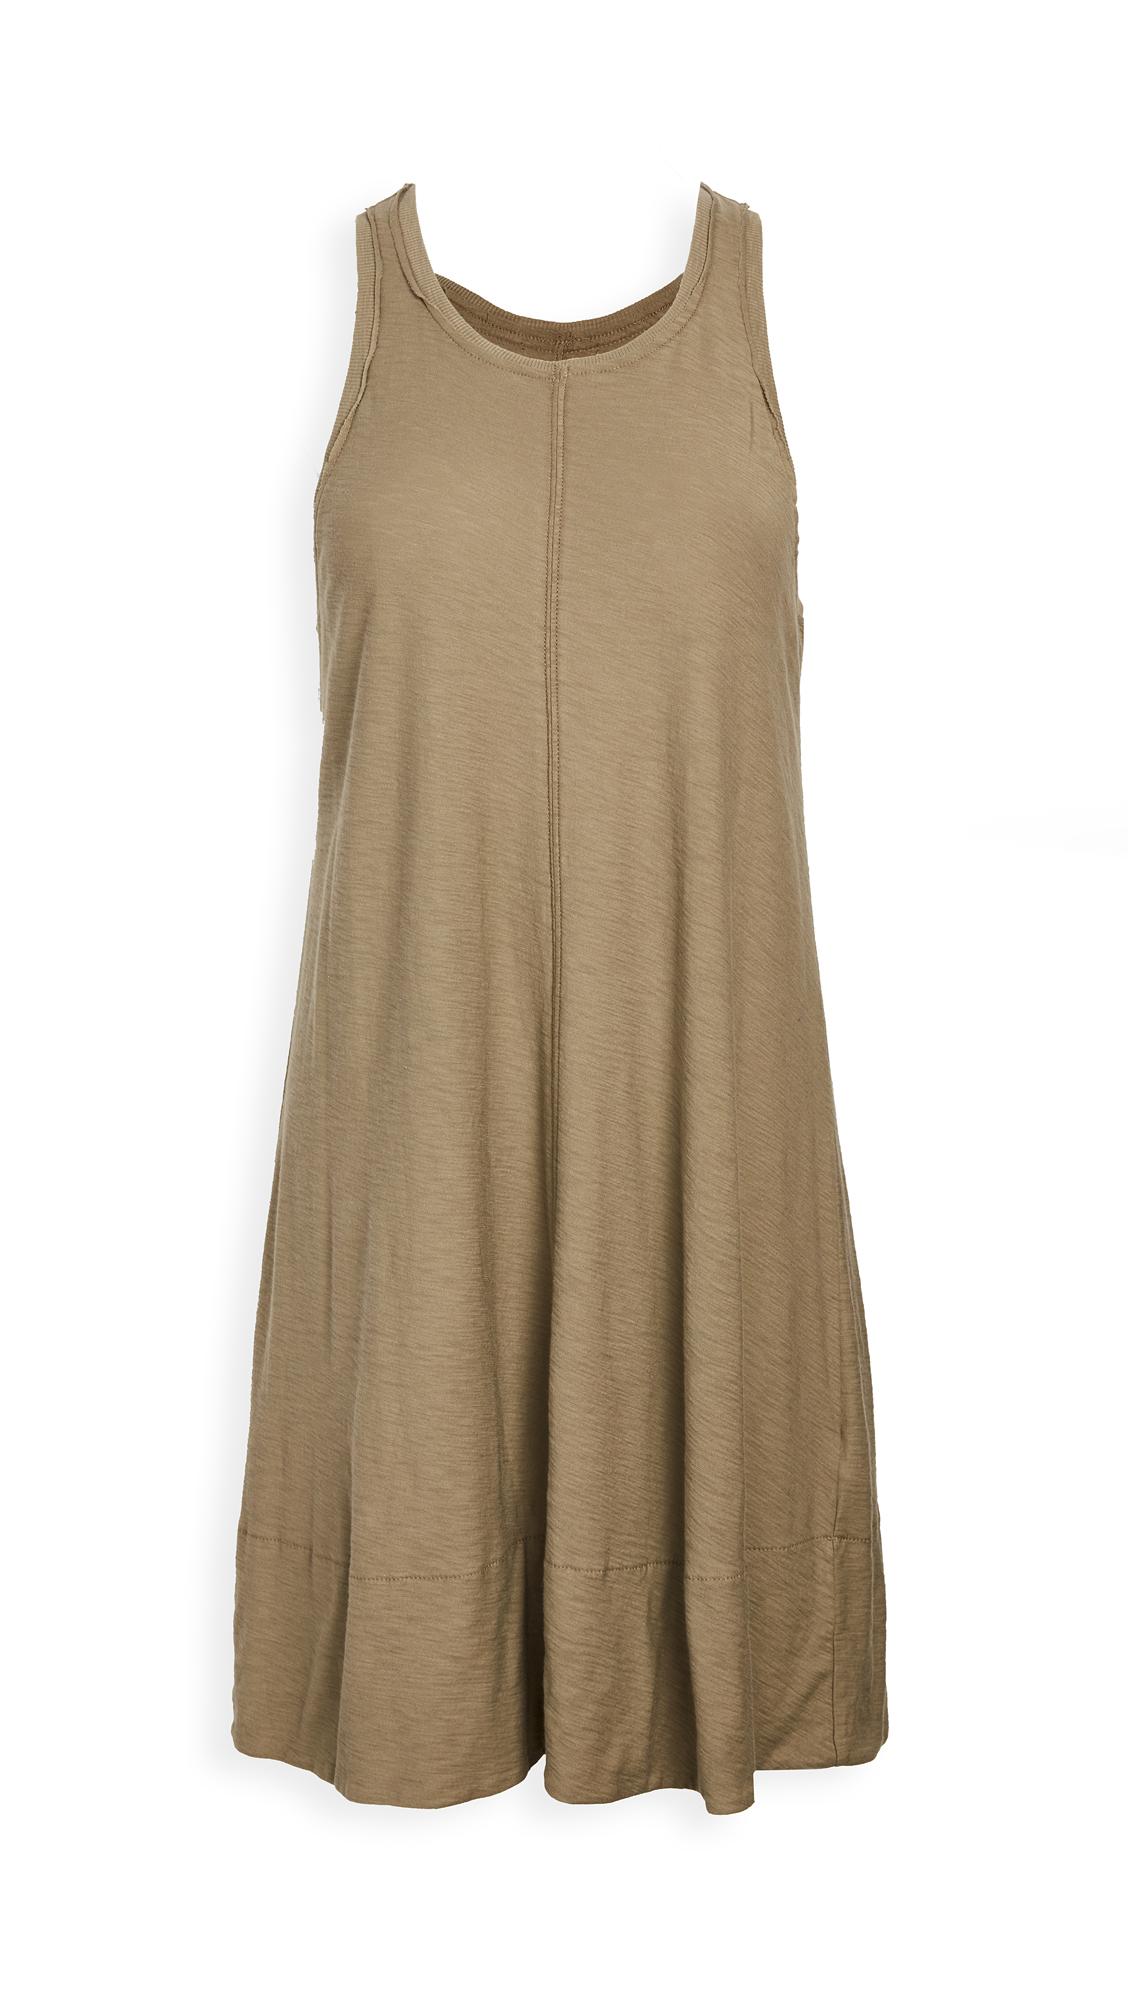 Nation LTD Lulu A Line Mini Dress